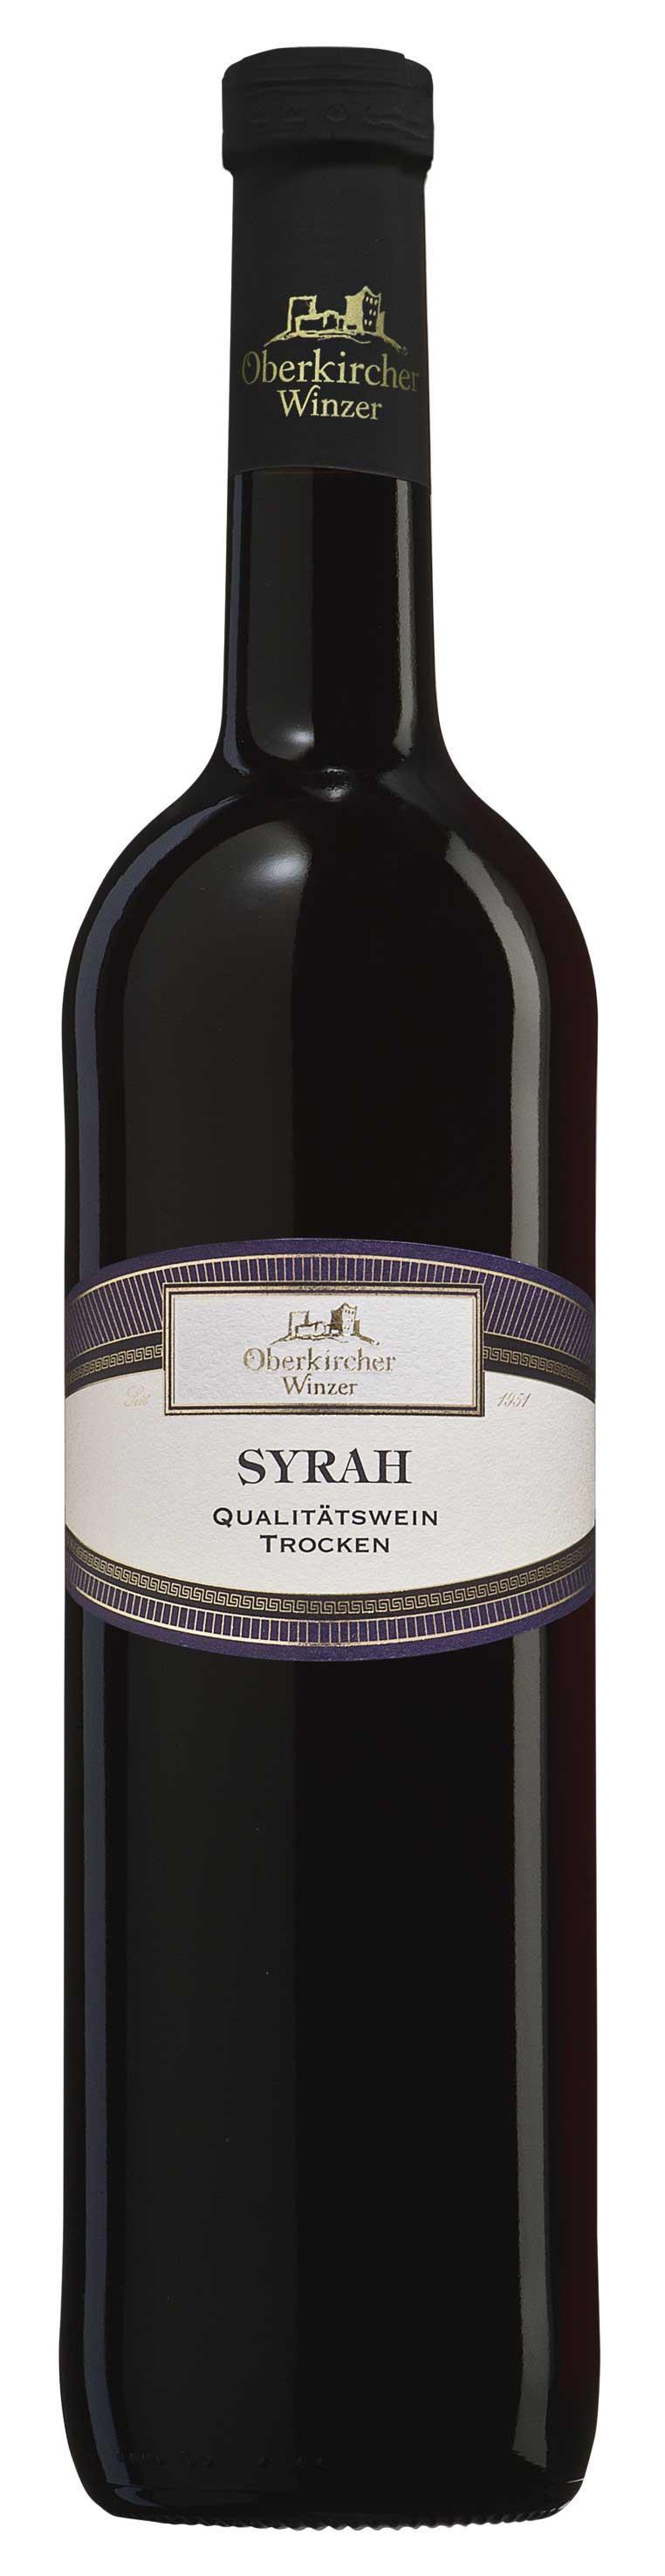 Vinum Nobile Syrah Qualitätswein trocken 2015